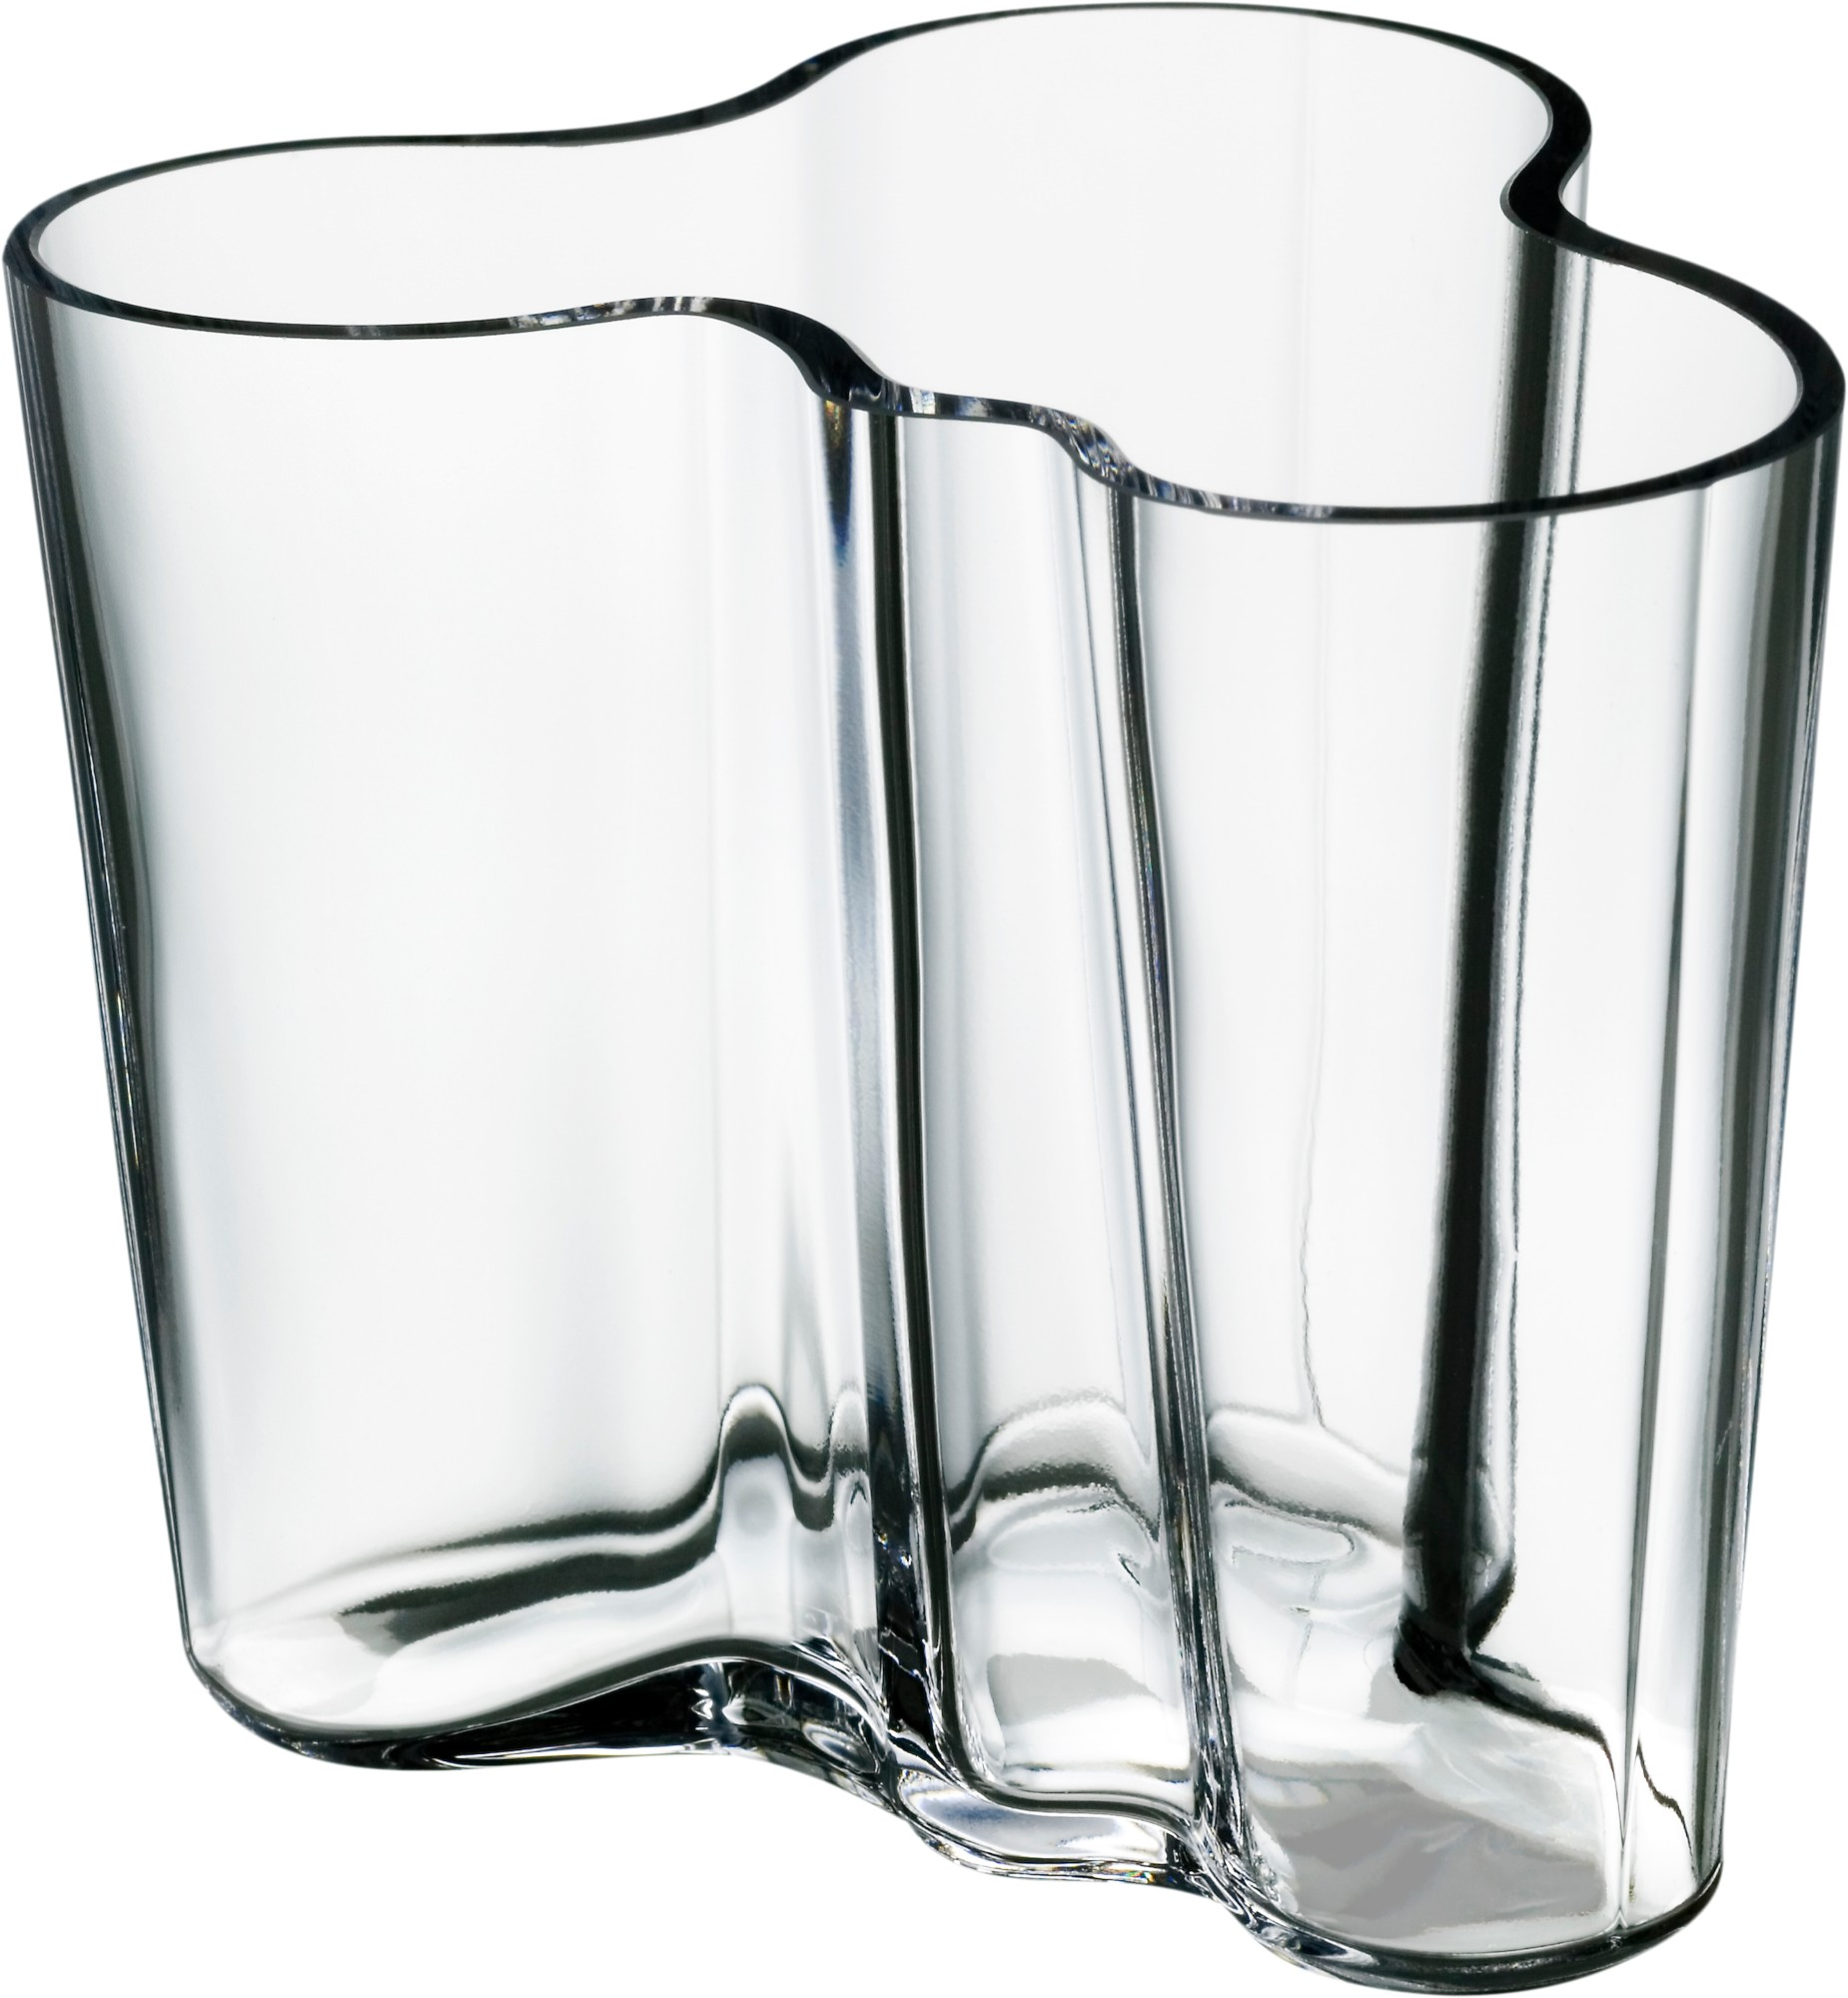 Iittala alvar aalto collection vase 95 mm clear iittala reviewsmspy